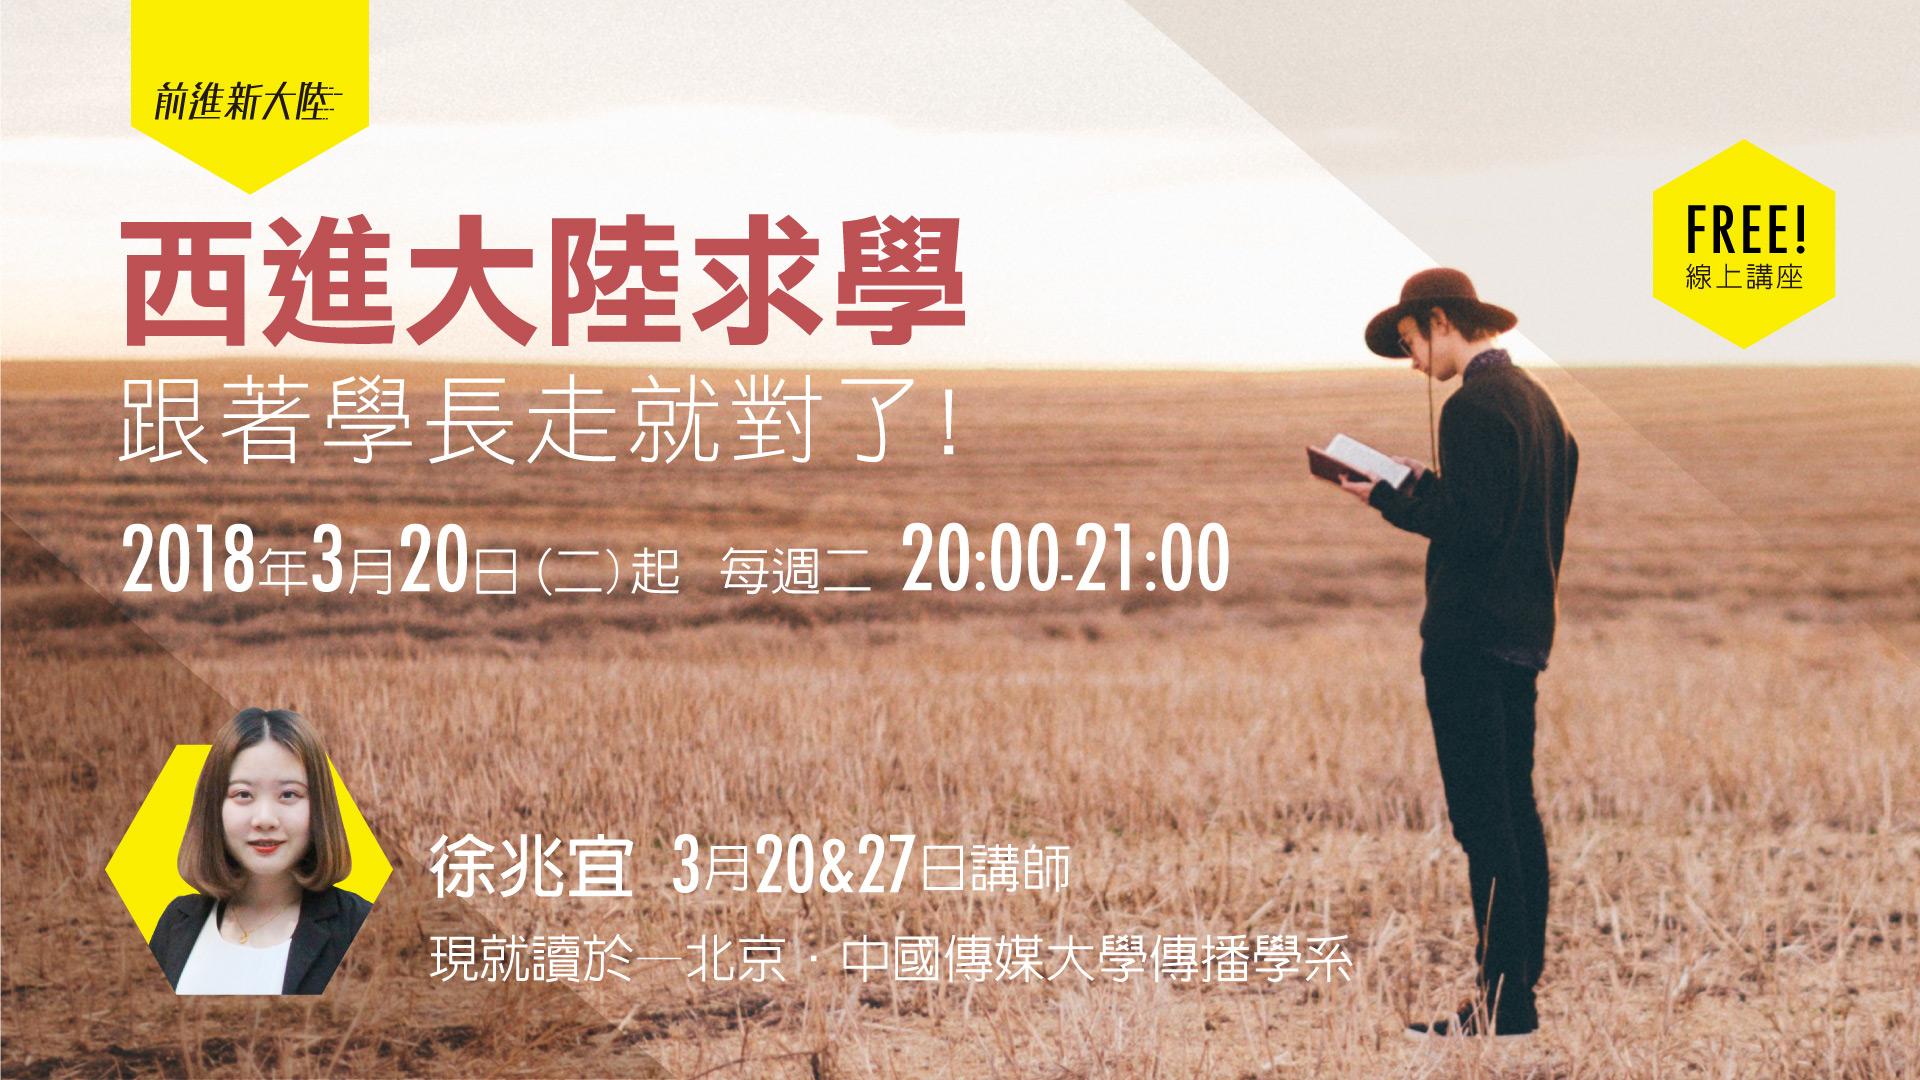 西進中國大陸求學│中國傳媒大學part 2.